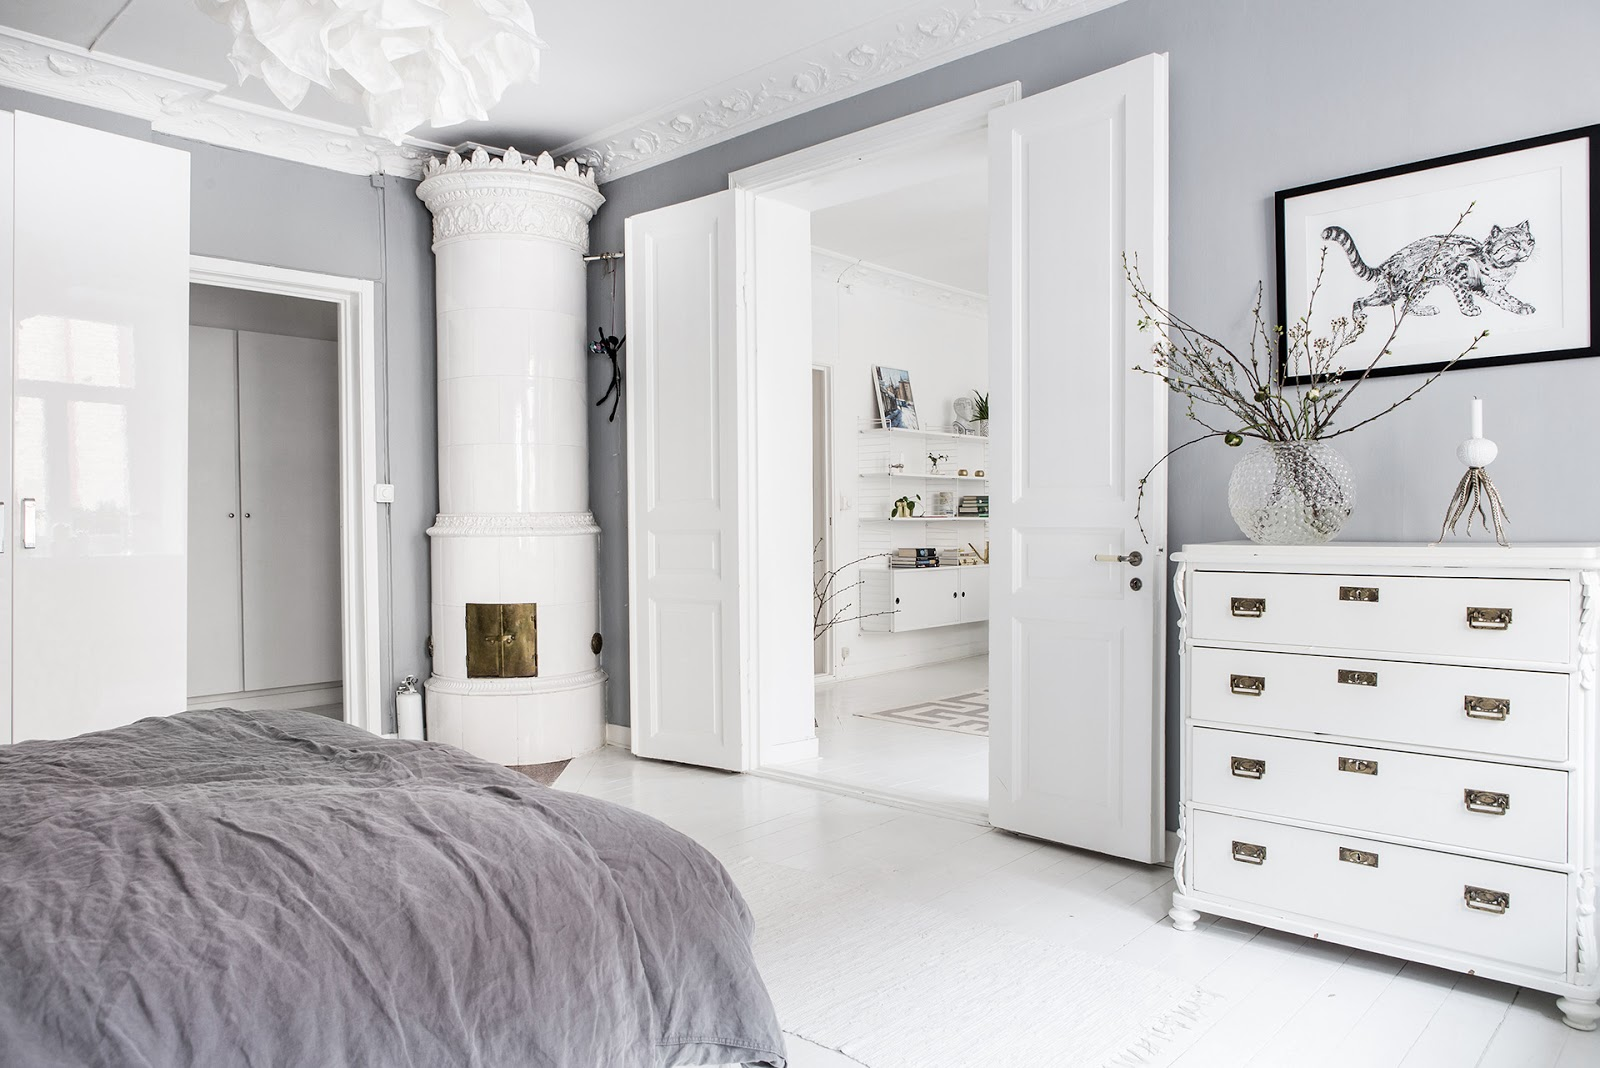 dormitorio, estilo nordico, cajonera, blanco, decoracion nordica, cama, sabanas gris, interiorismo, alquimia deco